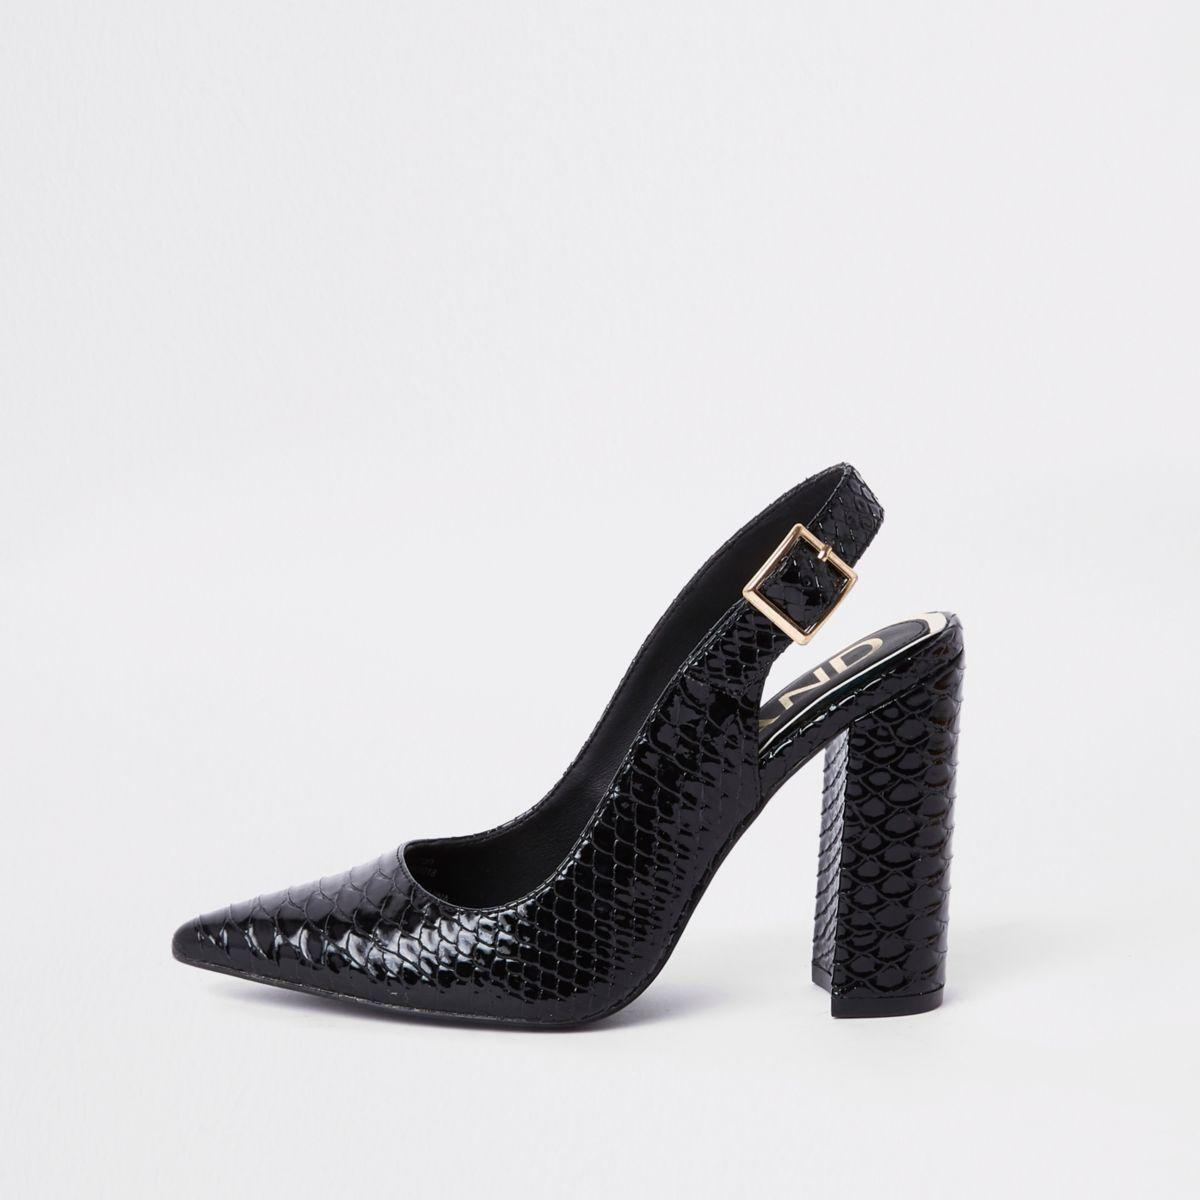 Black croc block heel sling back court shoes